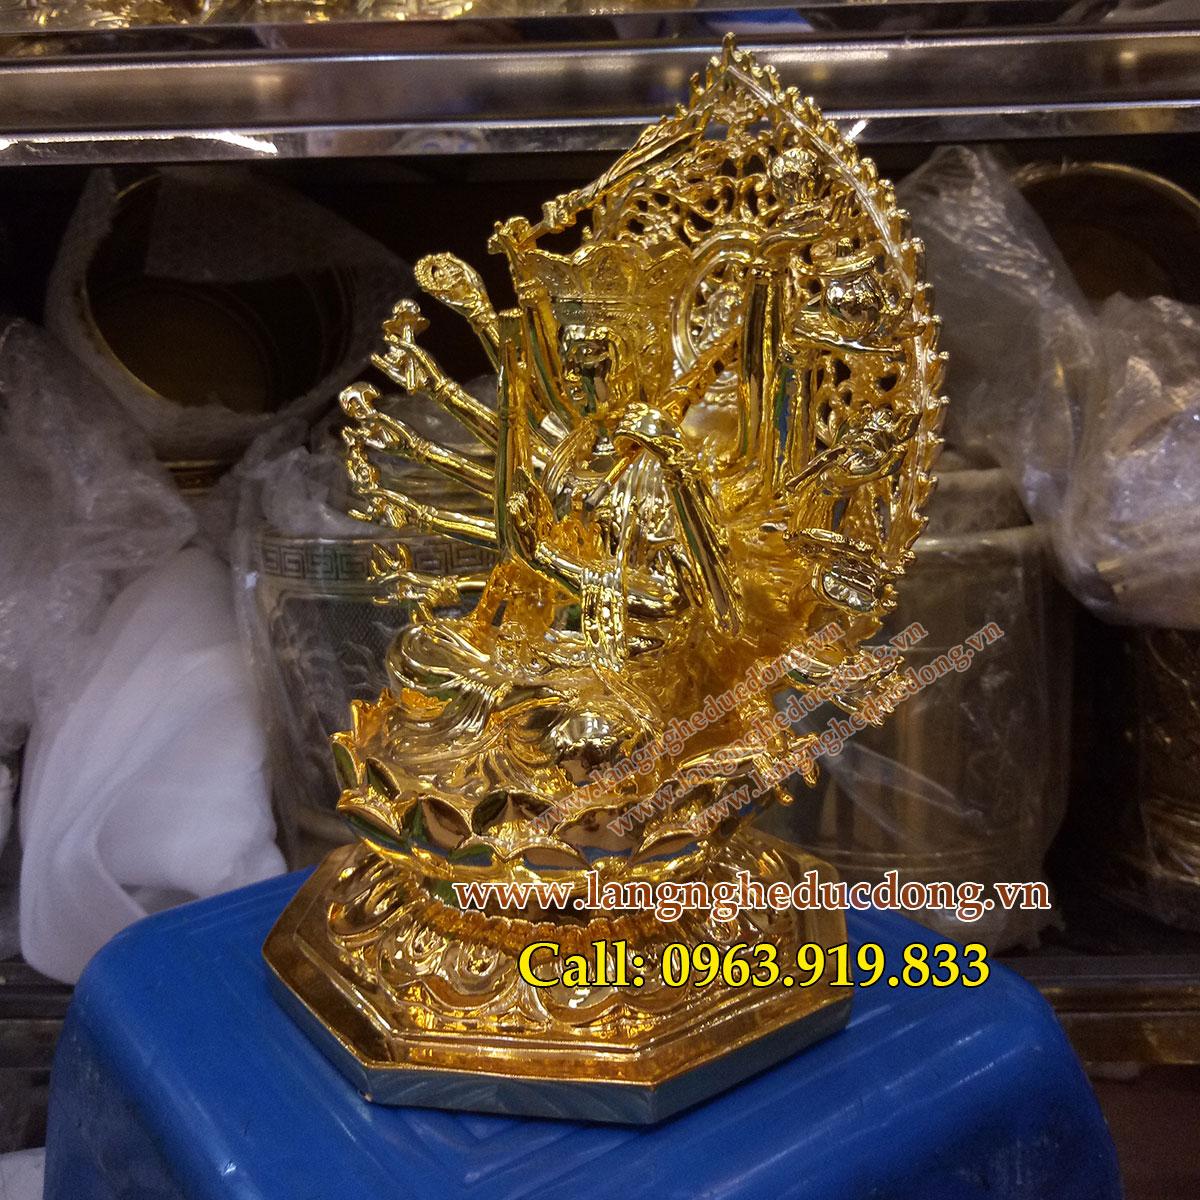 langngheducdong.vn - tượng mẫu phật chuẩn đề cao 25cm mạ vàng nano